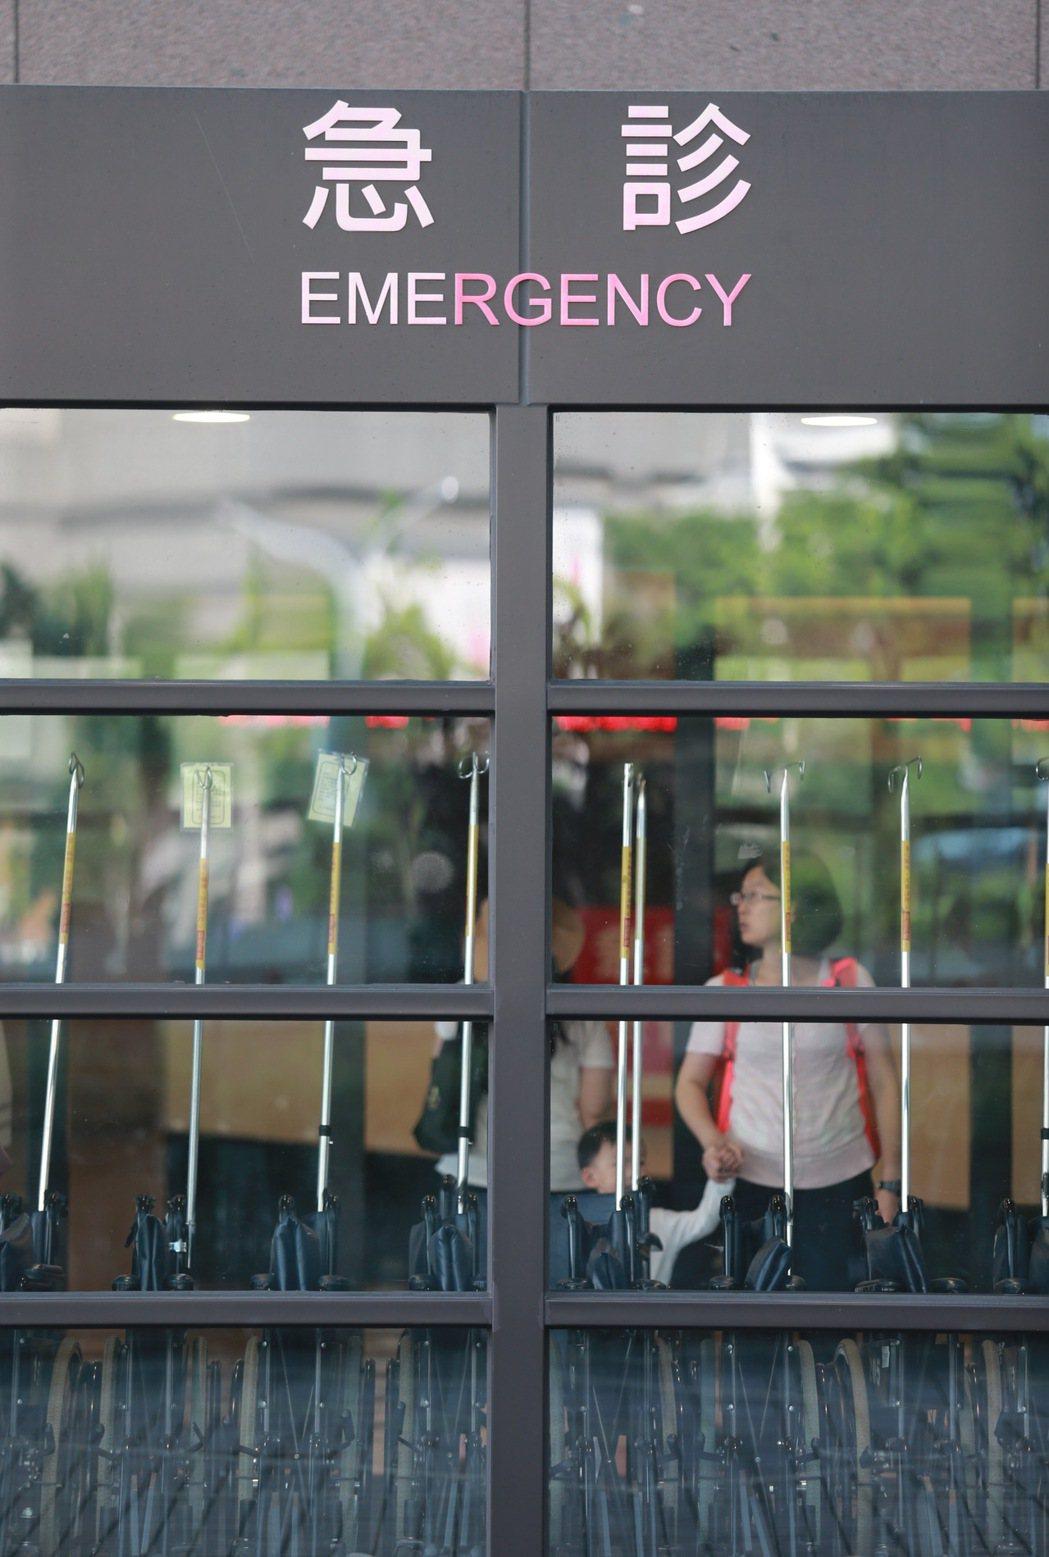 林口長庚醫院急診前天傳出23人醫師集體離職,更有醫護人員在急診LINE群組,張貼...